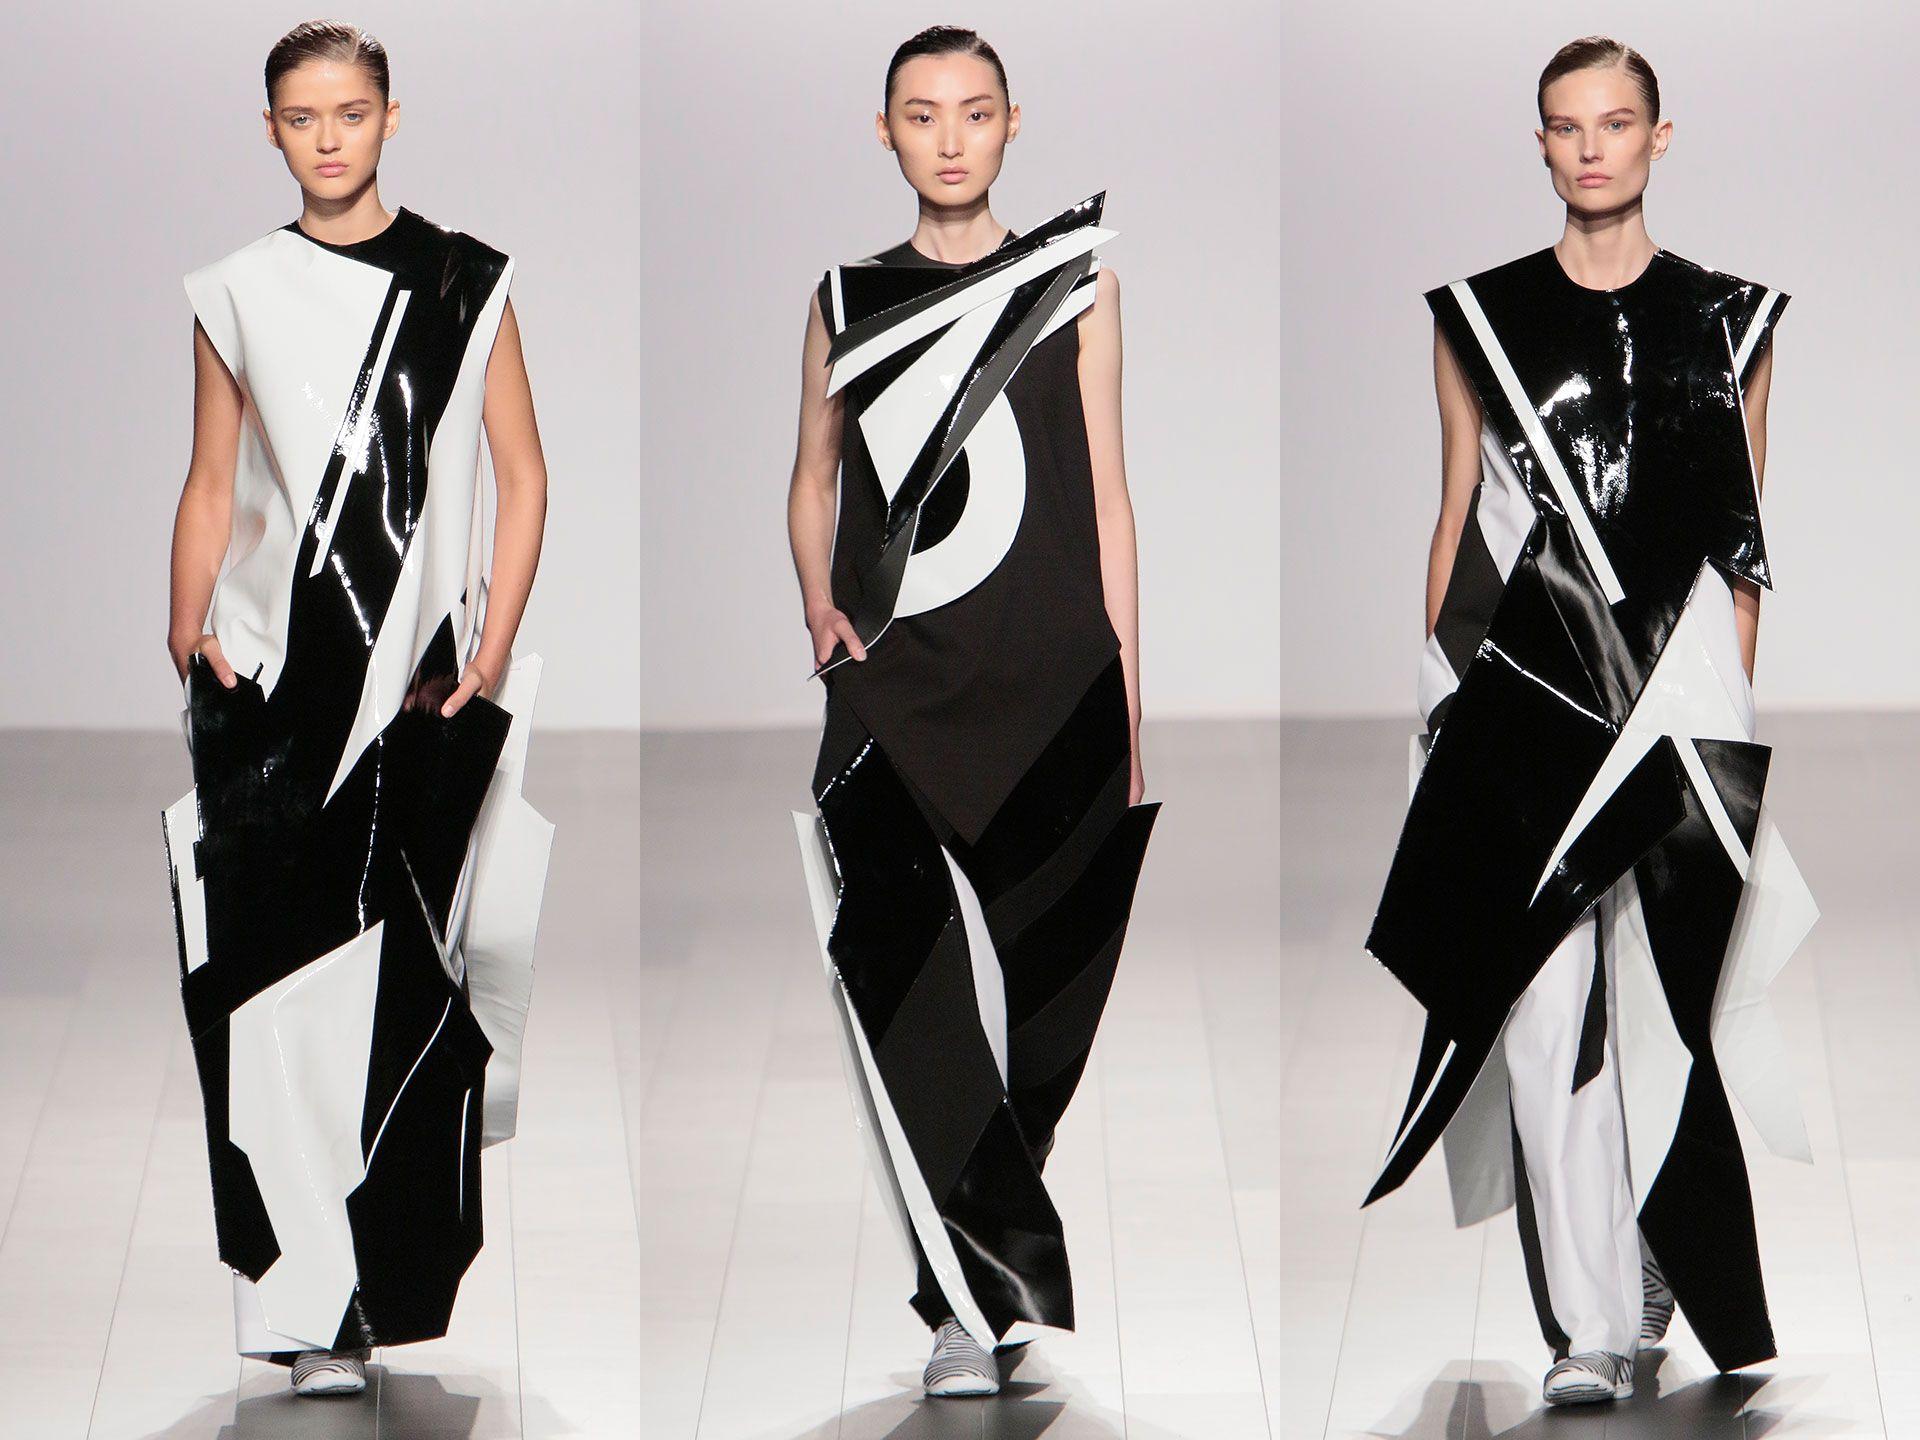 Fashion Design School In San Francisco